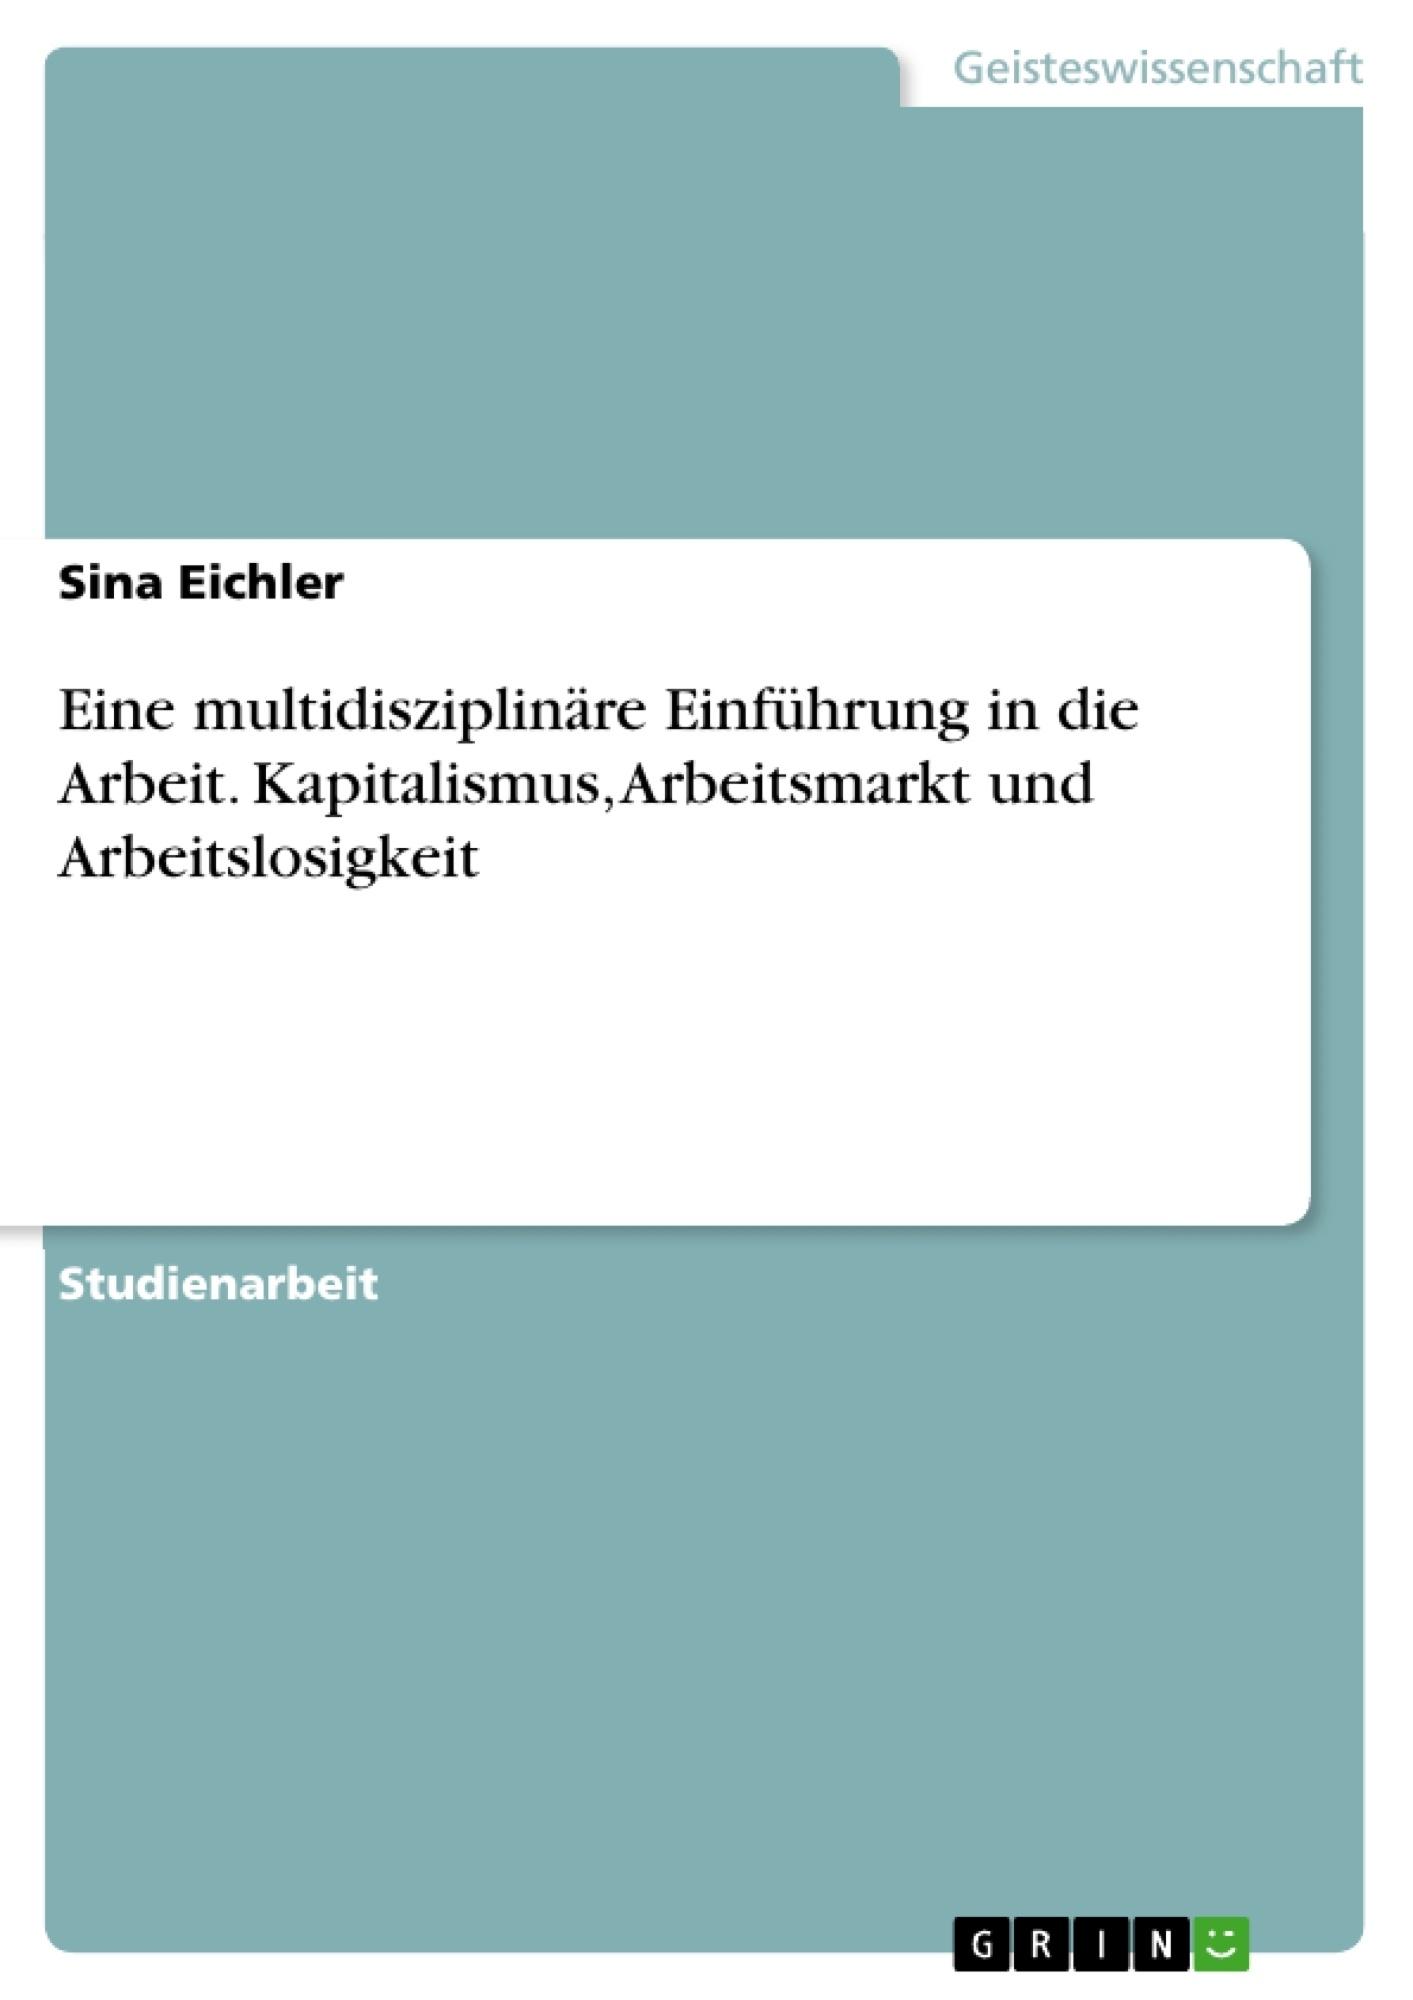 Titel: Eine multidisziplinäre Einführung in die Arbeit. Kapitalismus, Arbeitsmarkt und Arbeitslosigkeit